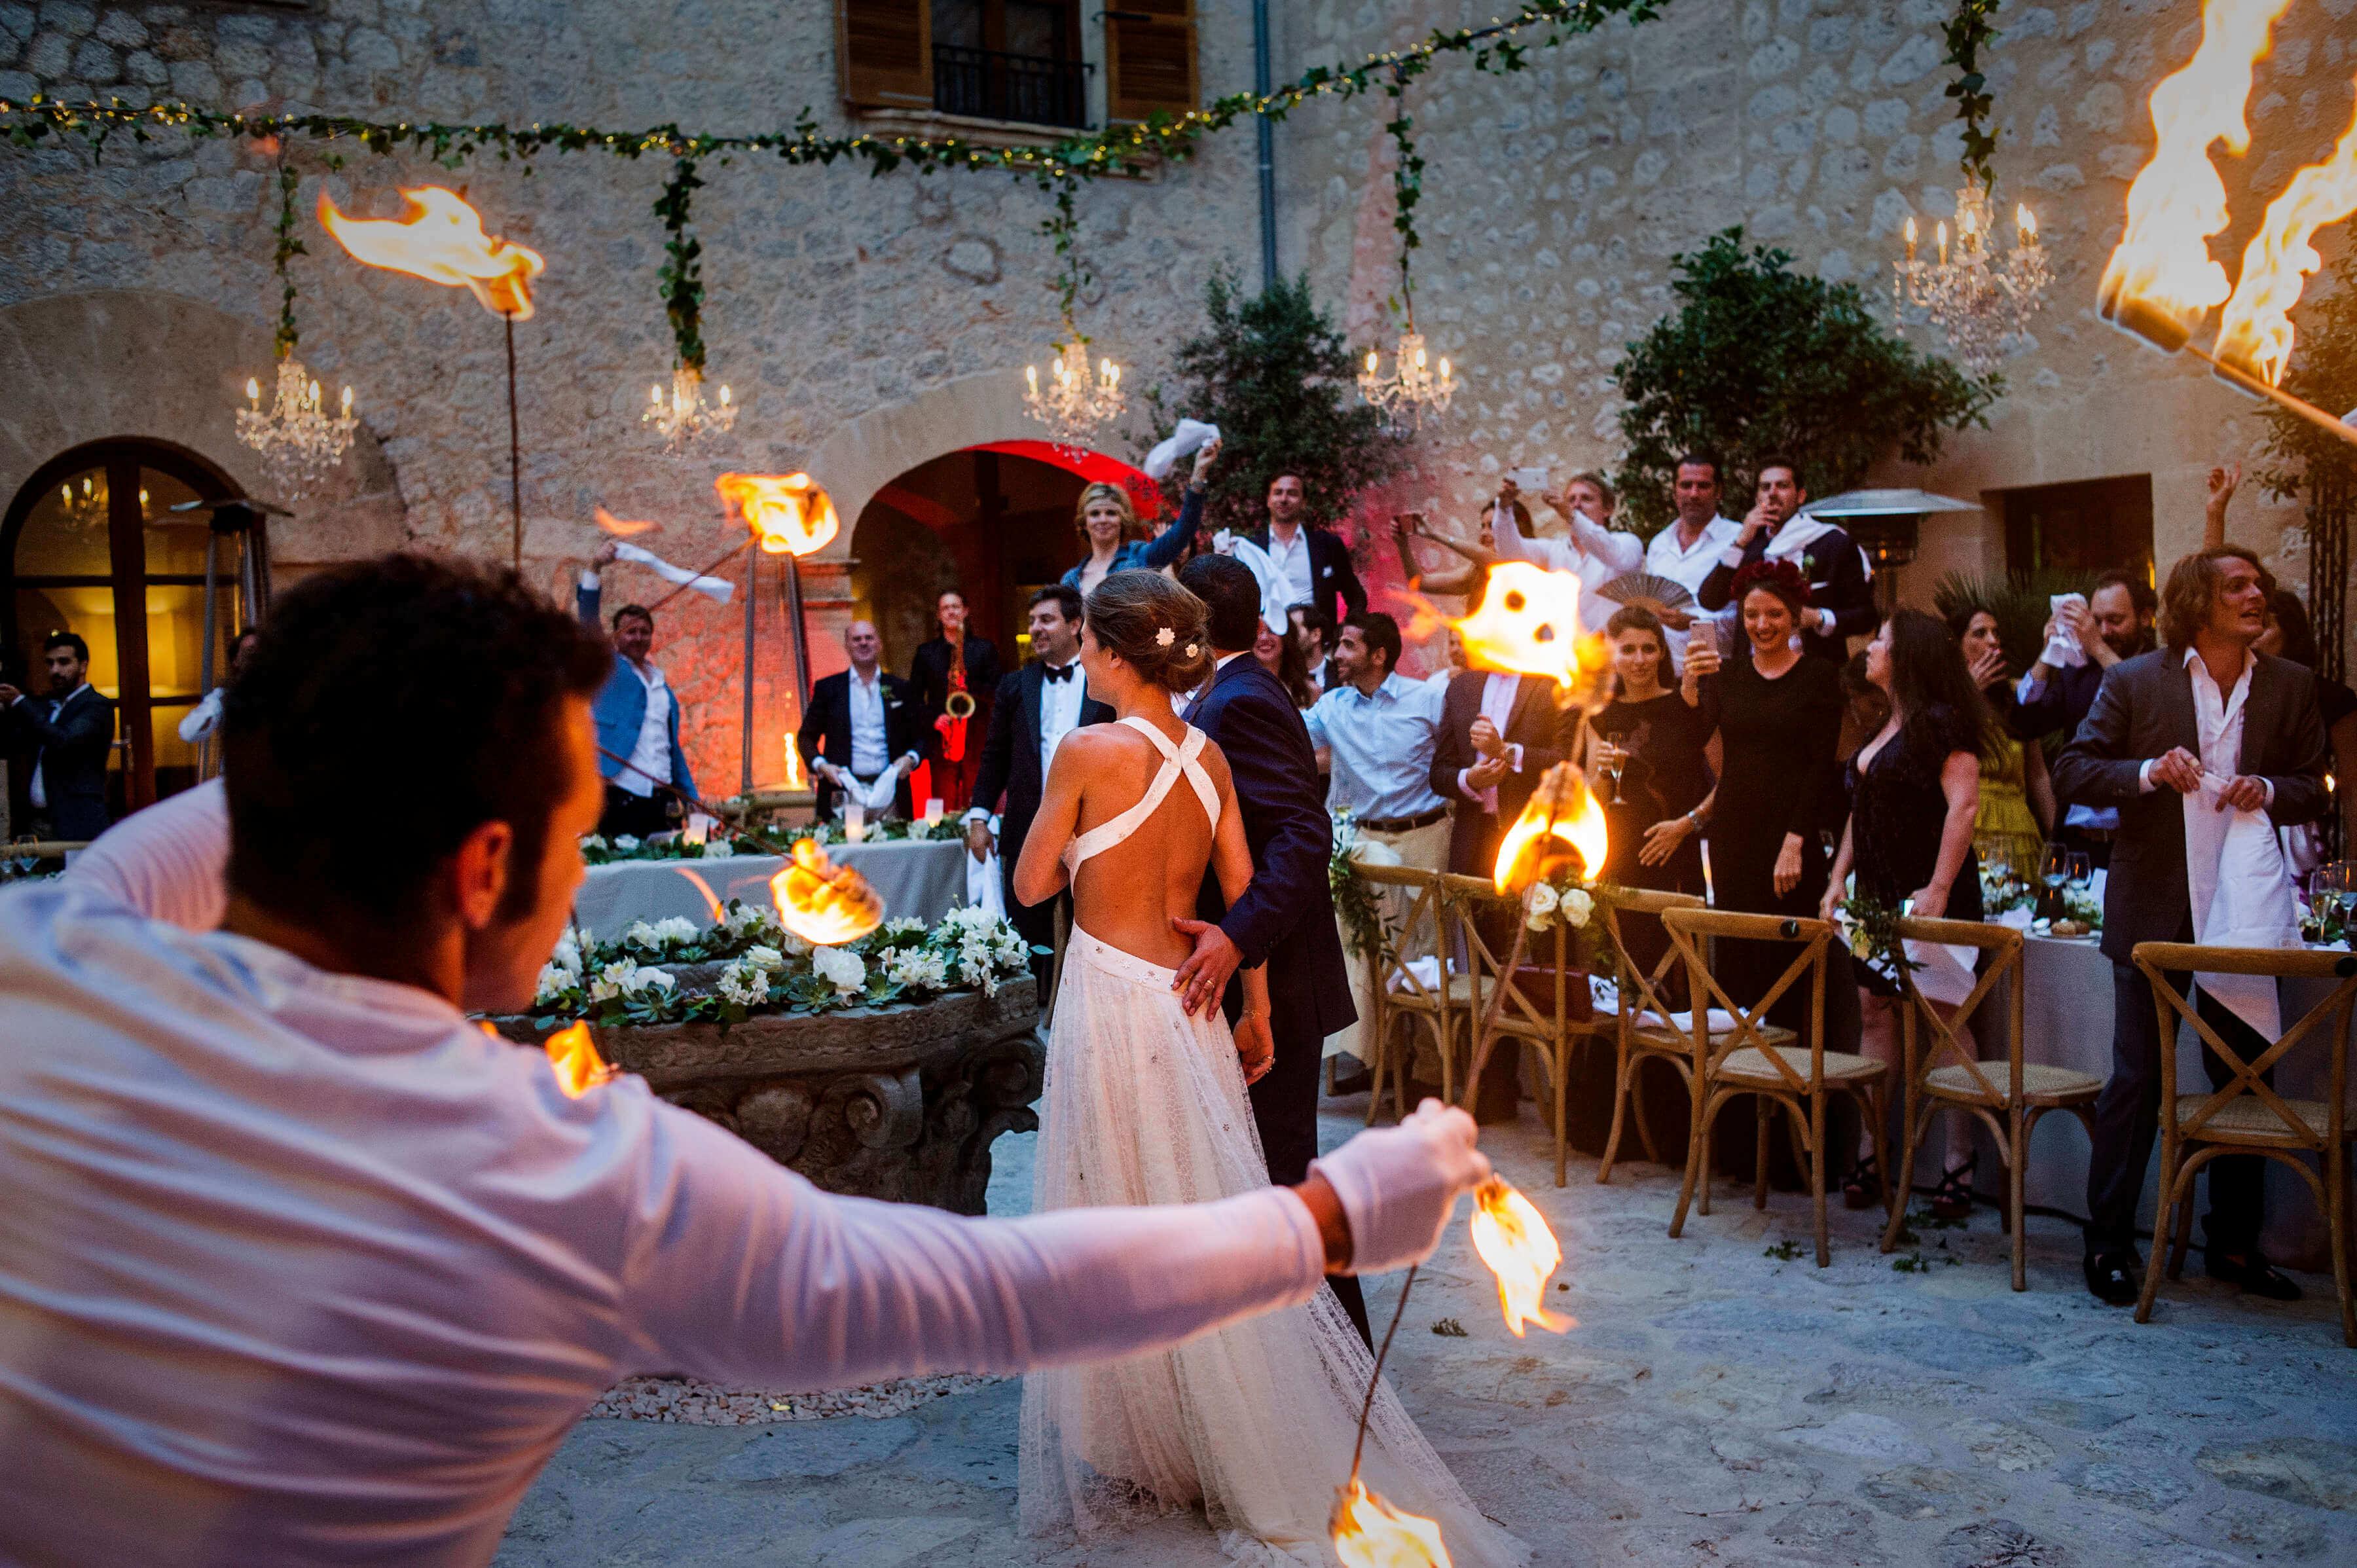 Eventos de lujo en Mallorca, Castell Son Claret (27)